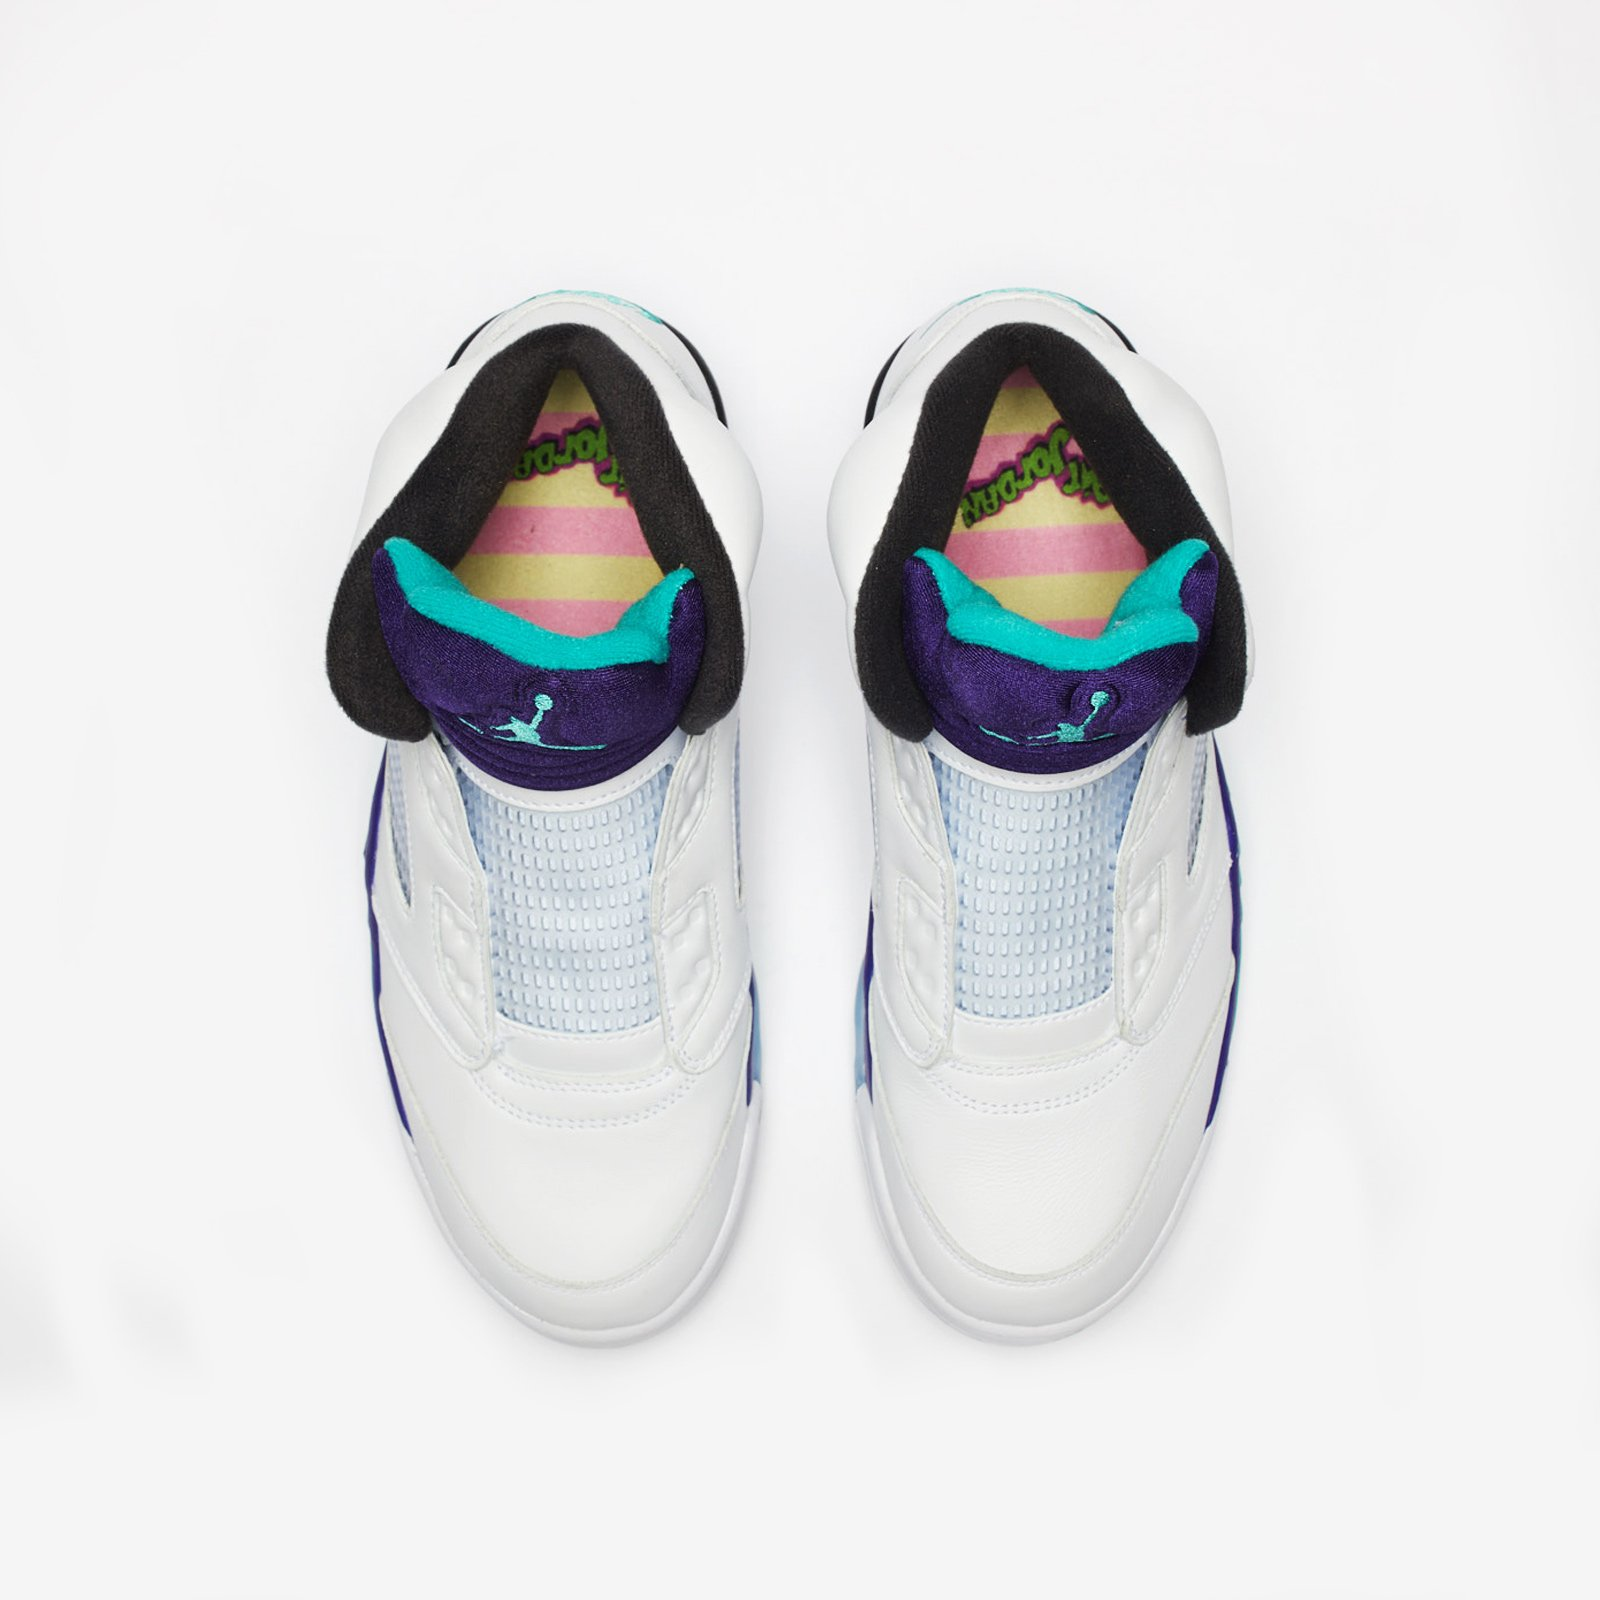 newest 0e782 562e4 Jordan Brand Air Jordan 5 Retro NRG - 7. Close